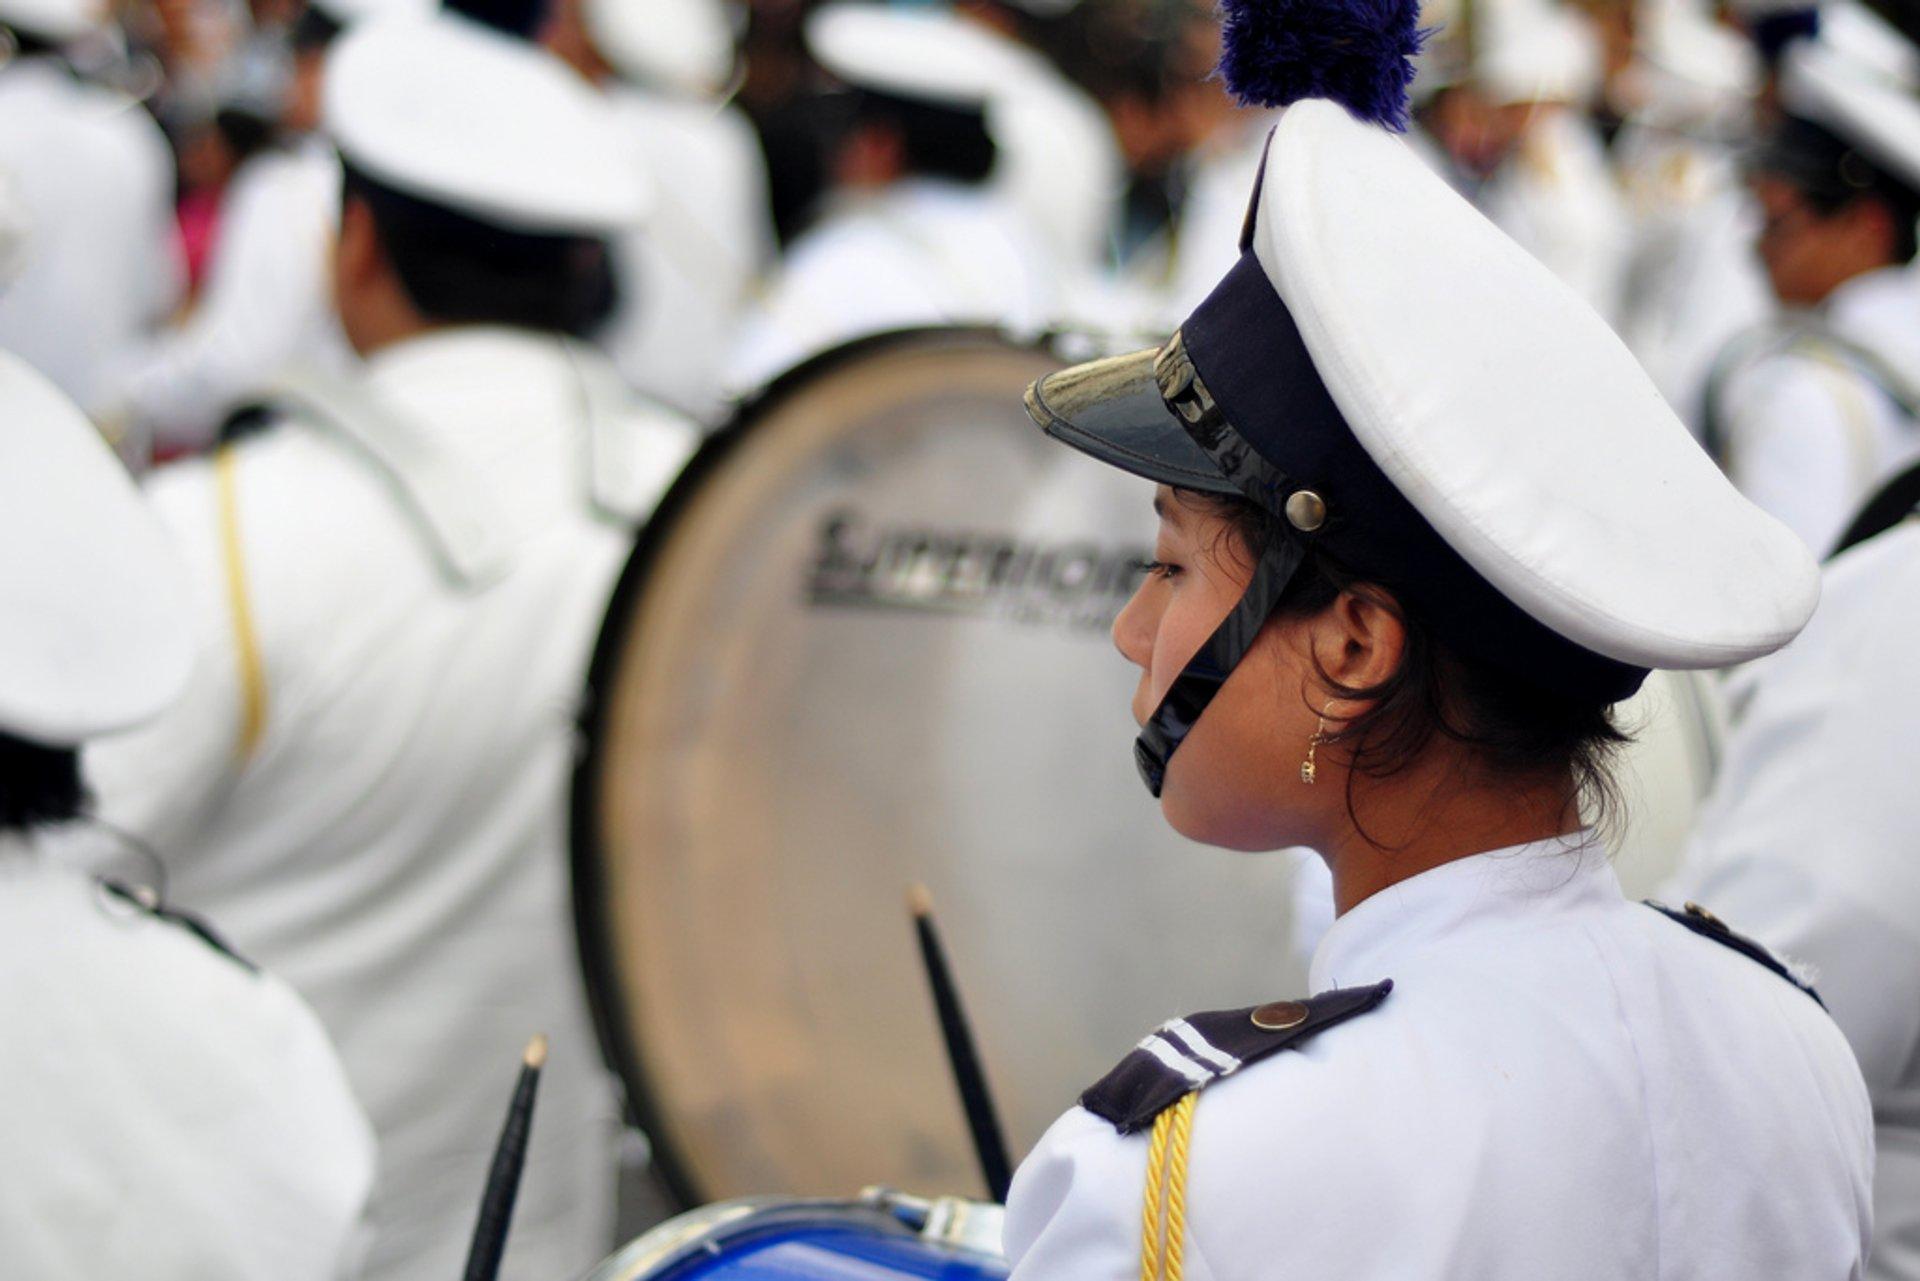 Día de la Independencia in Guatemala - Best Time